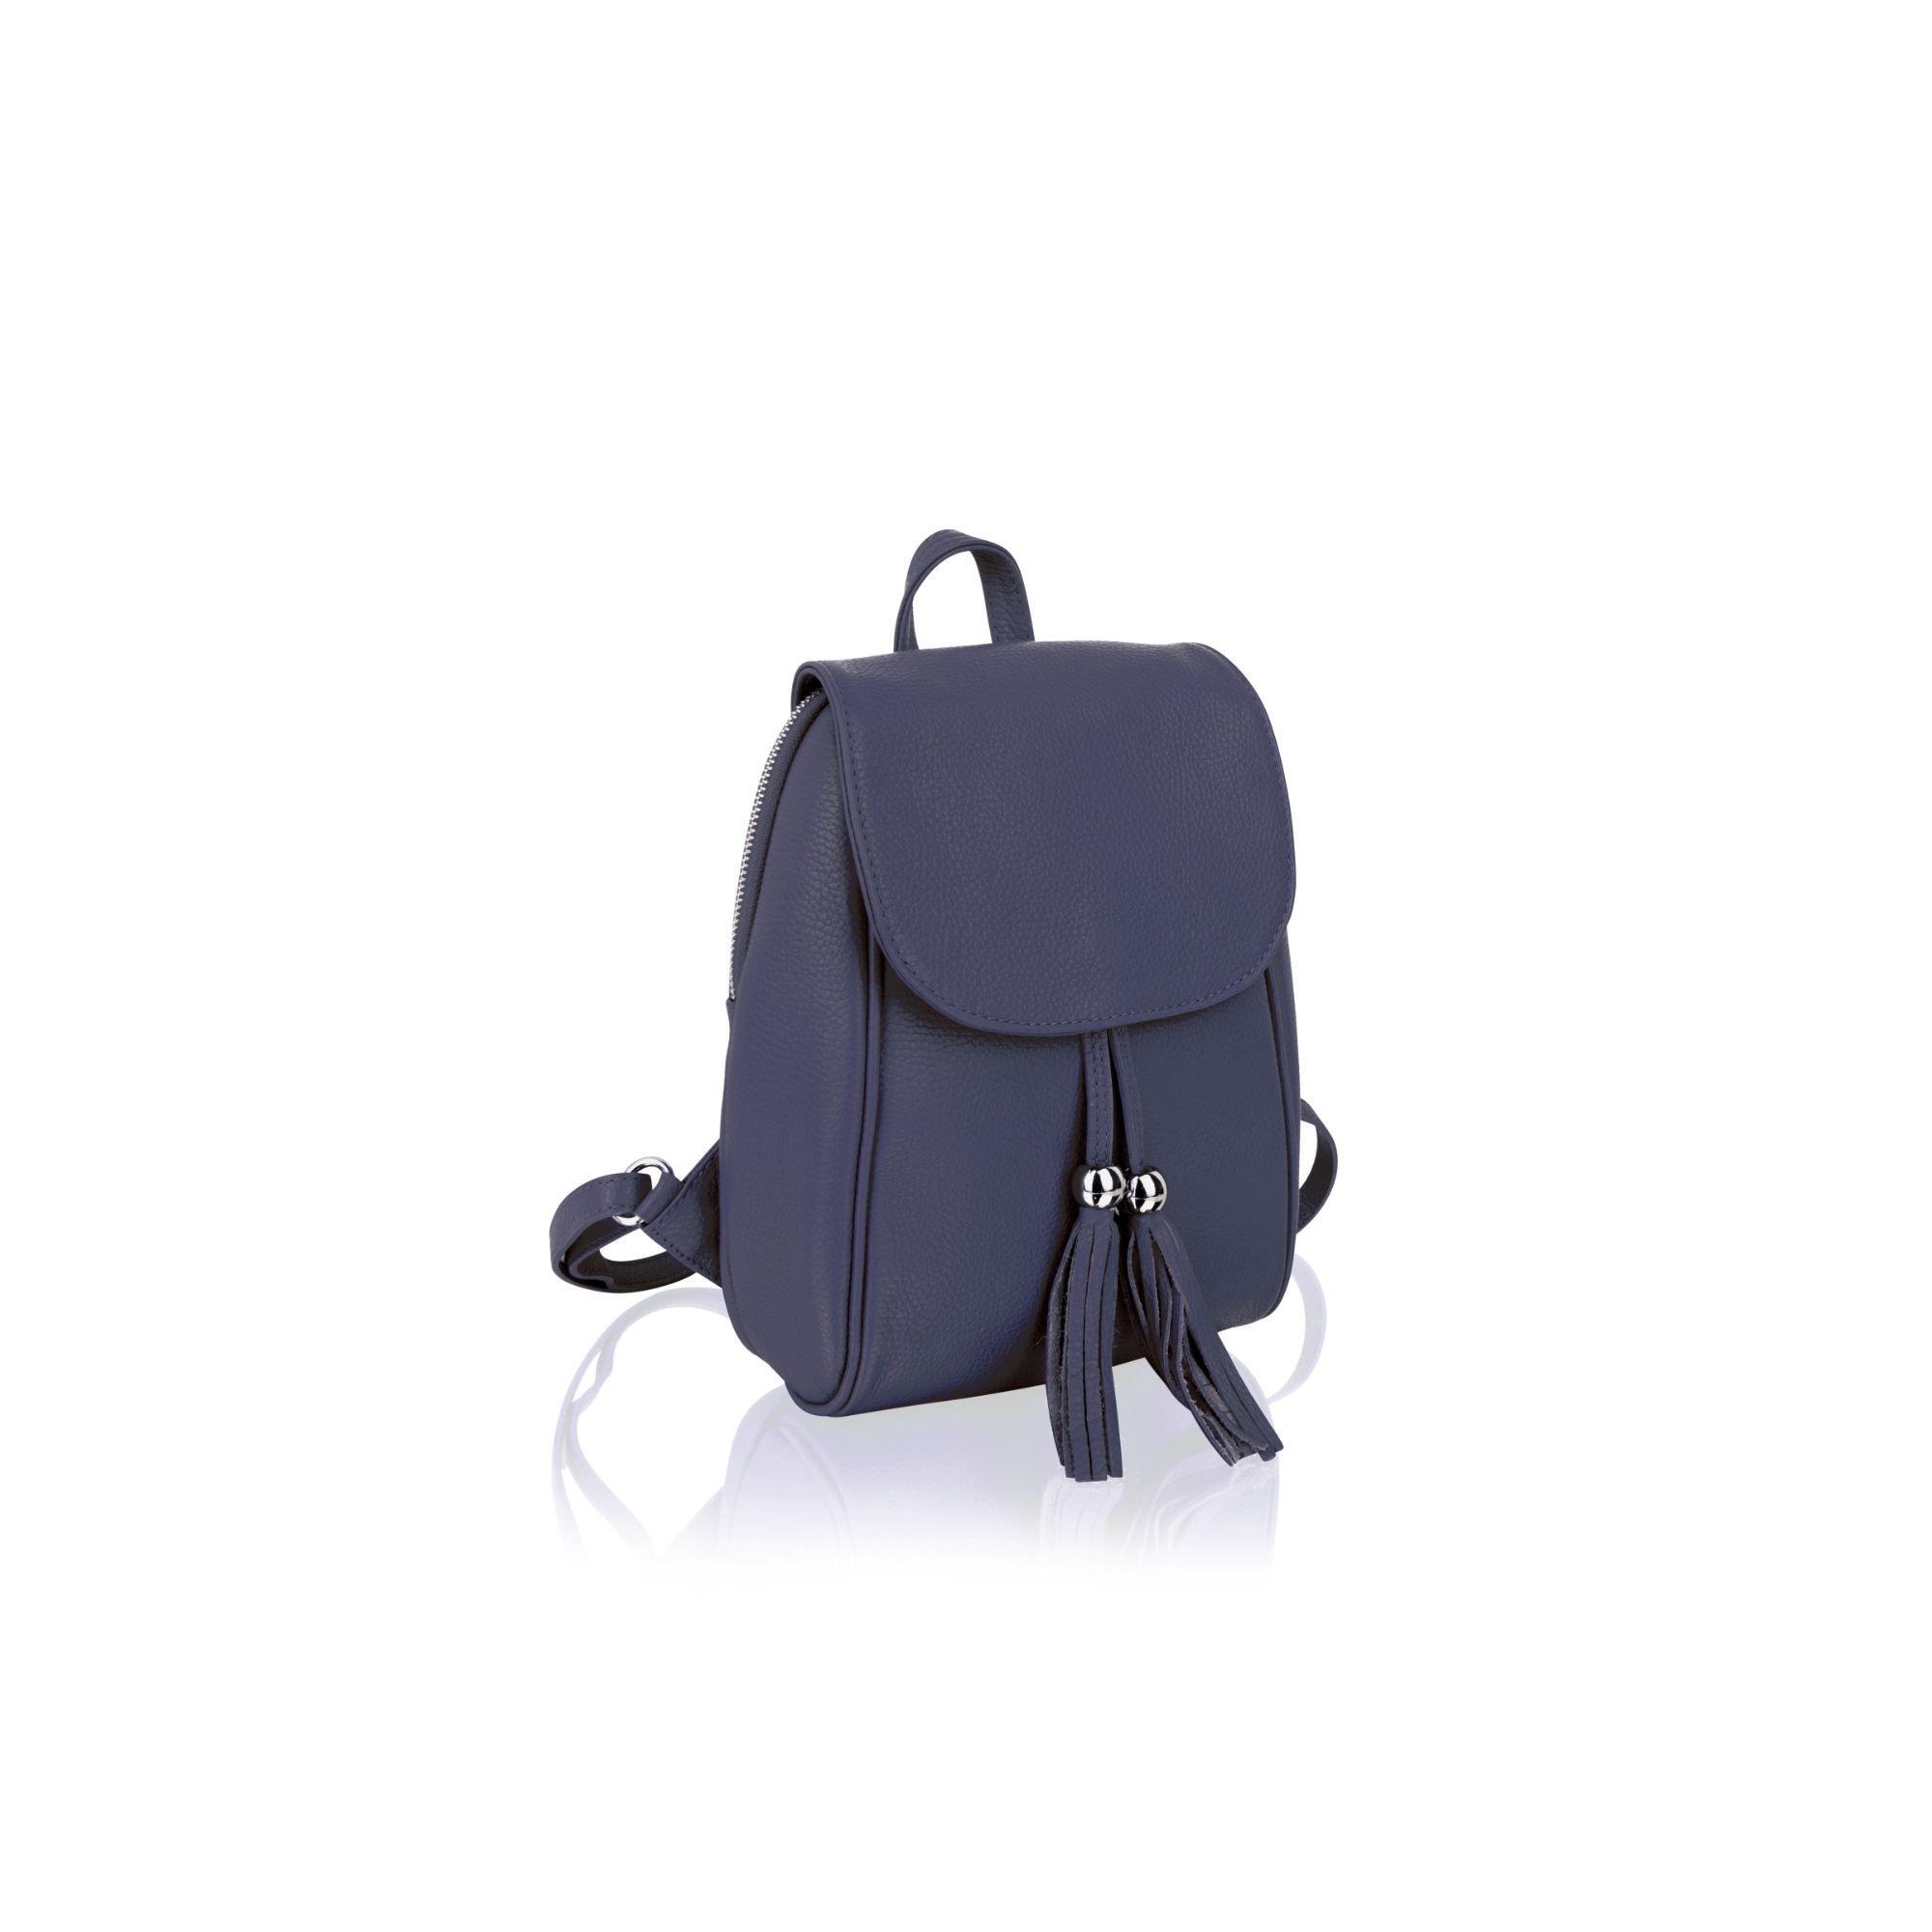 """Woodland Leather Tan 11.0"""" Mini Ruck Sack Tassel Front Adjustable Shoulder Strap"""